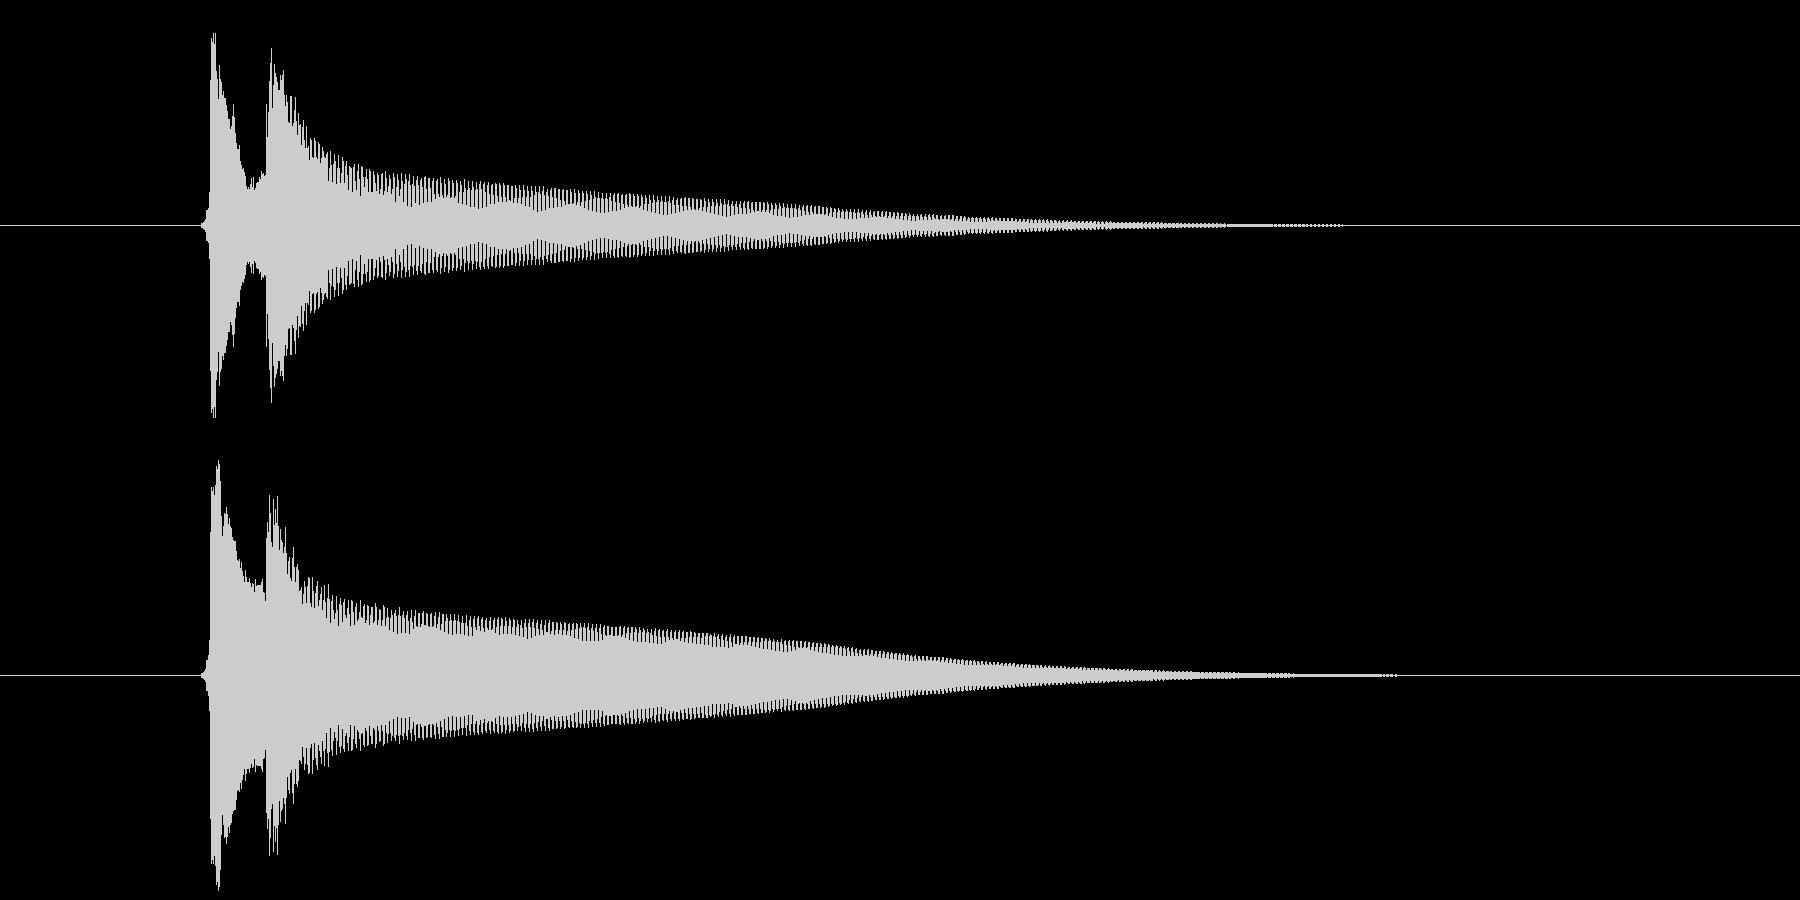 【生録音】ピンポーン(速度-早め)の未再生の波形